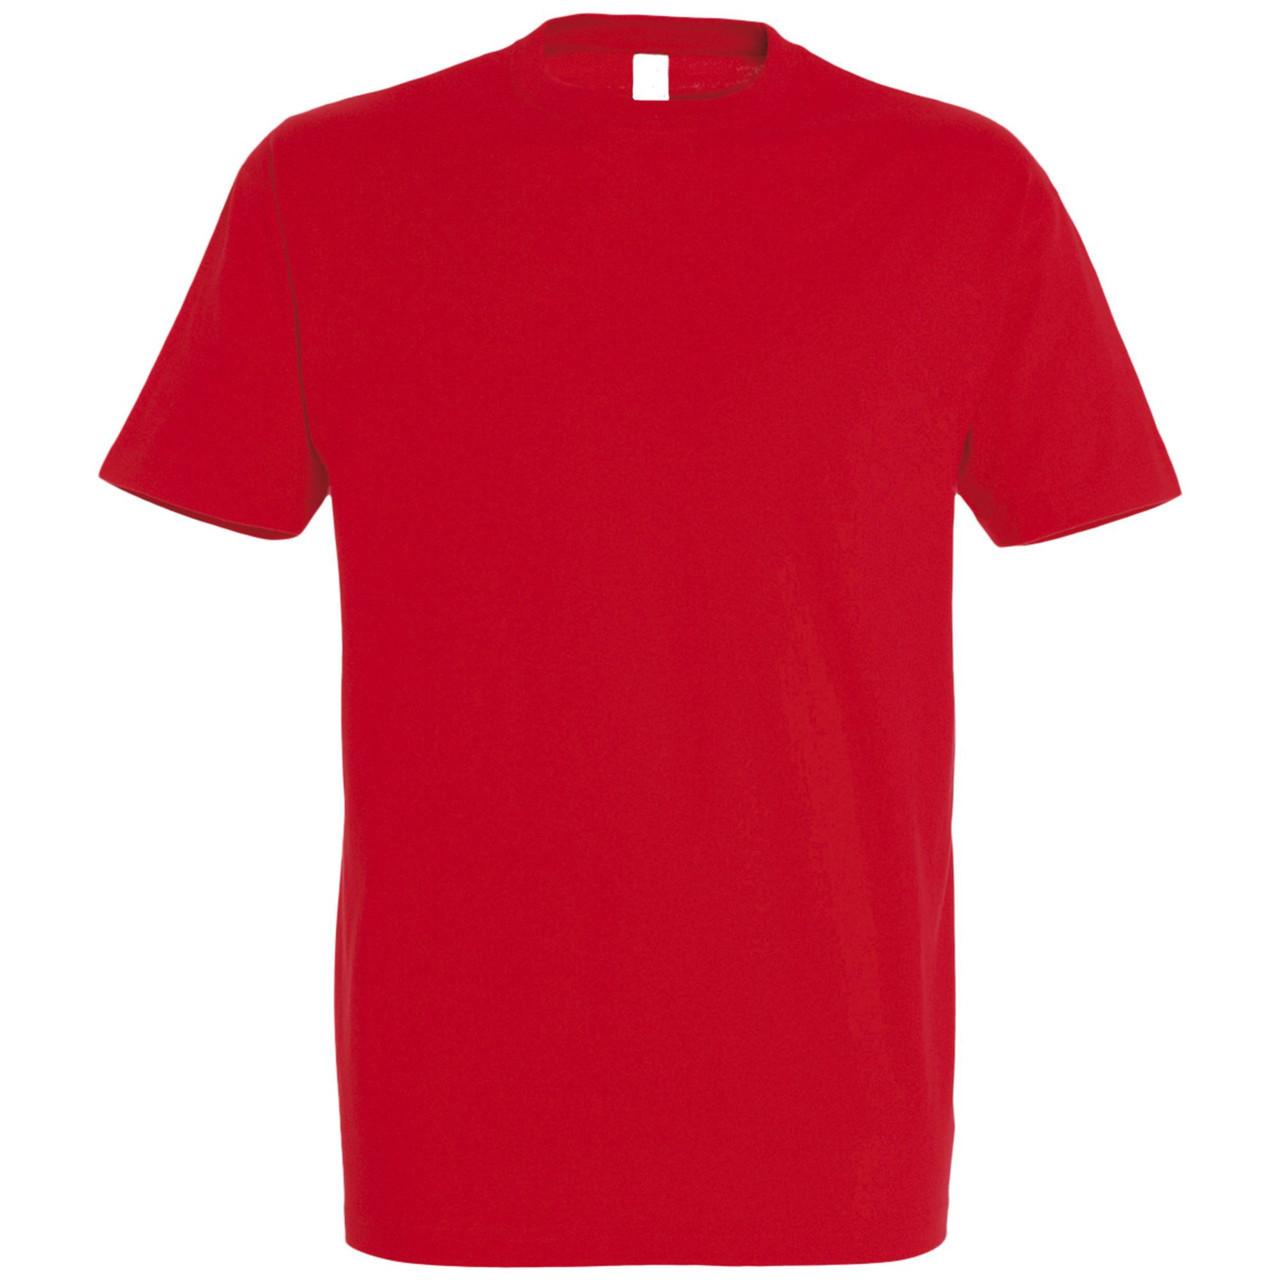 Oднотонная футболка | Красная | 160 гр. | S